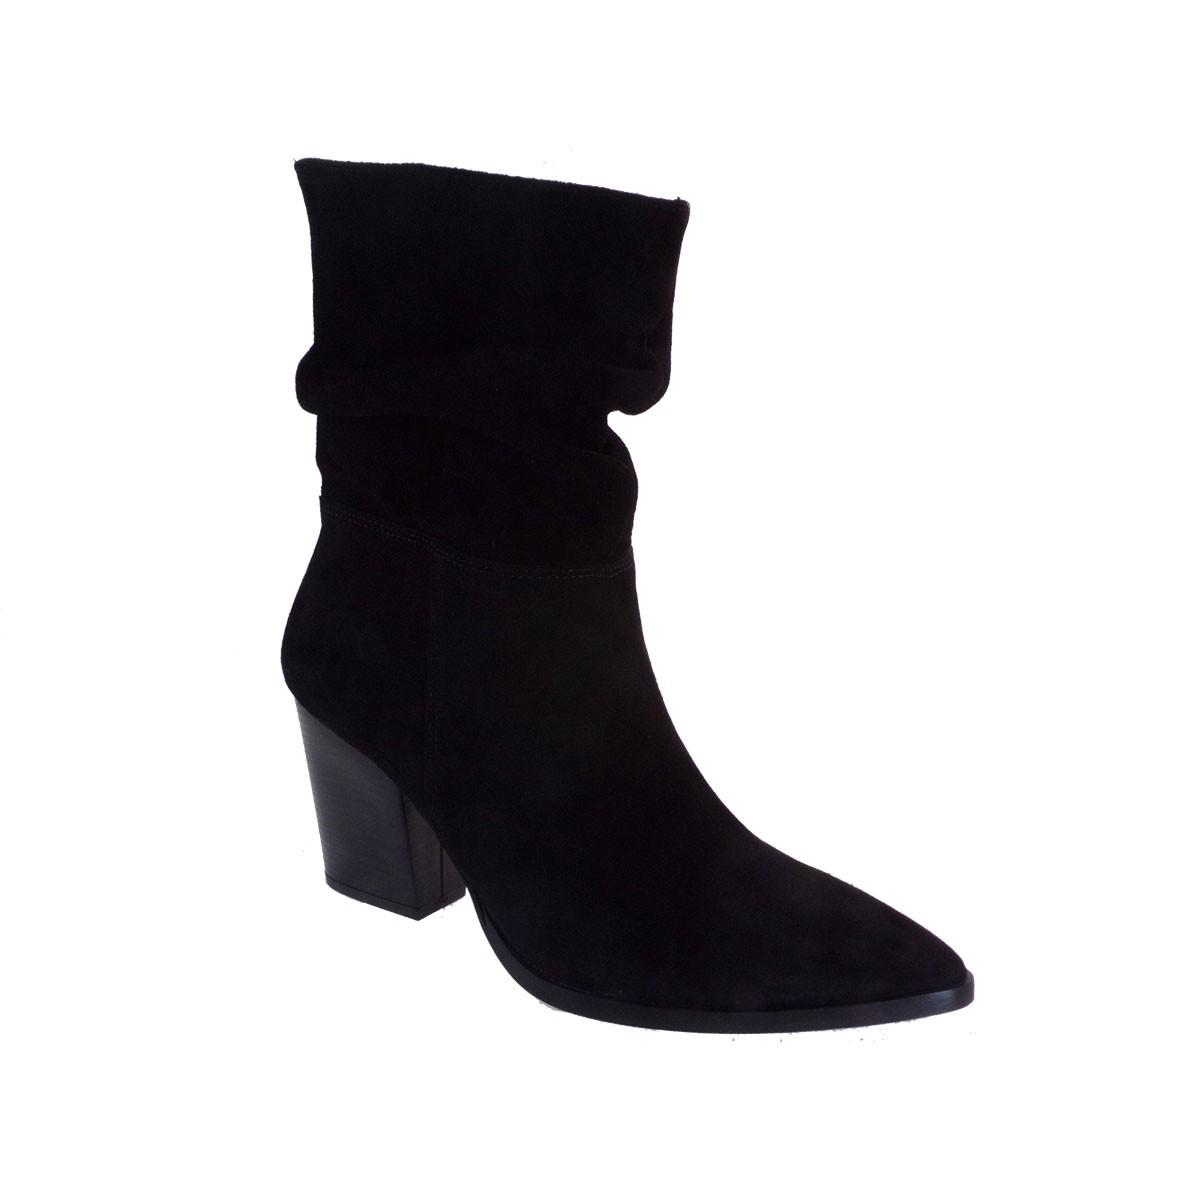 Moods Shoes Γυναικεία Μποτάκια 7524 Μαύρο Καστόρι Δέρμα